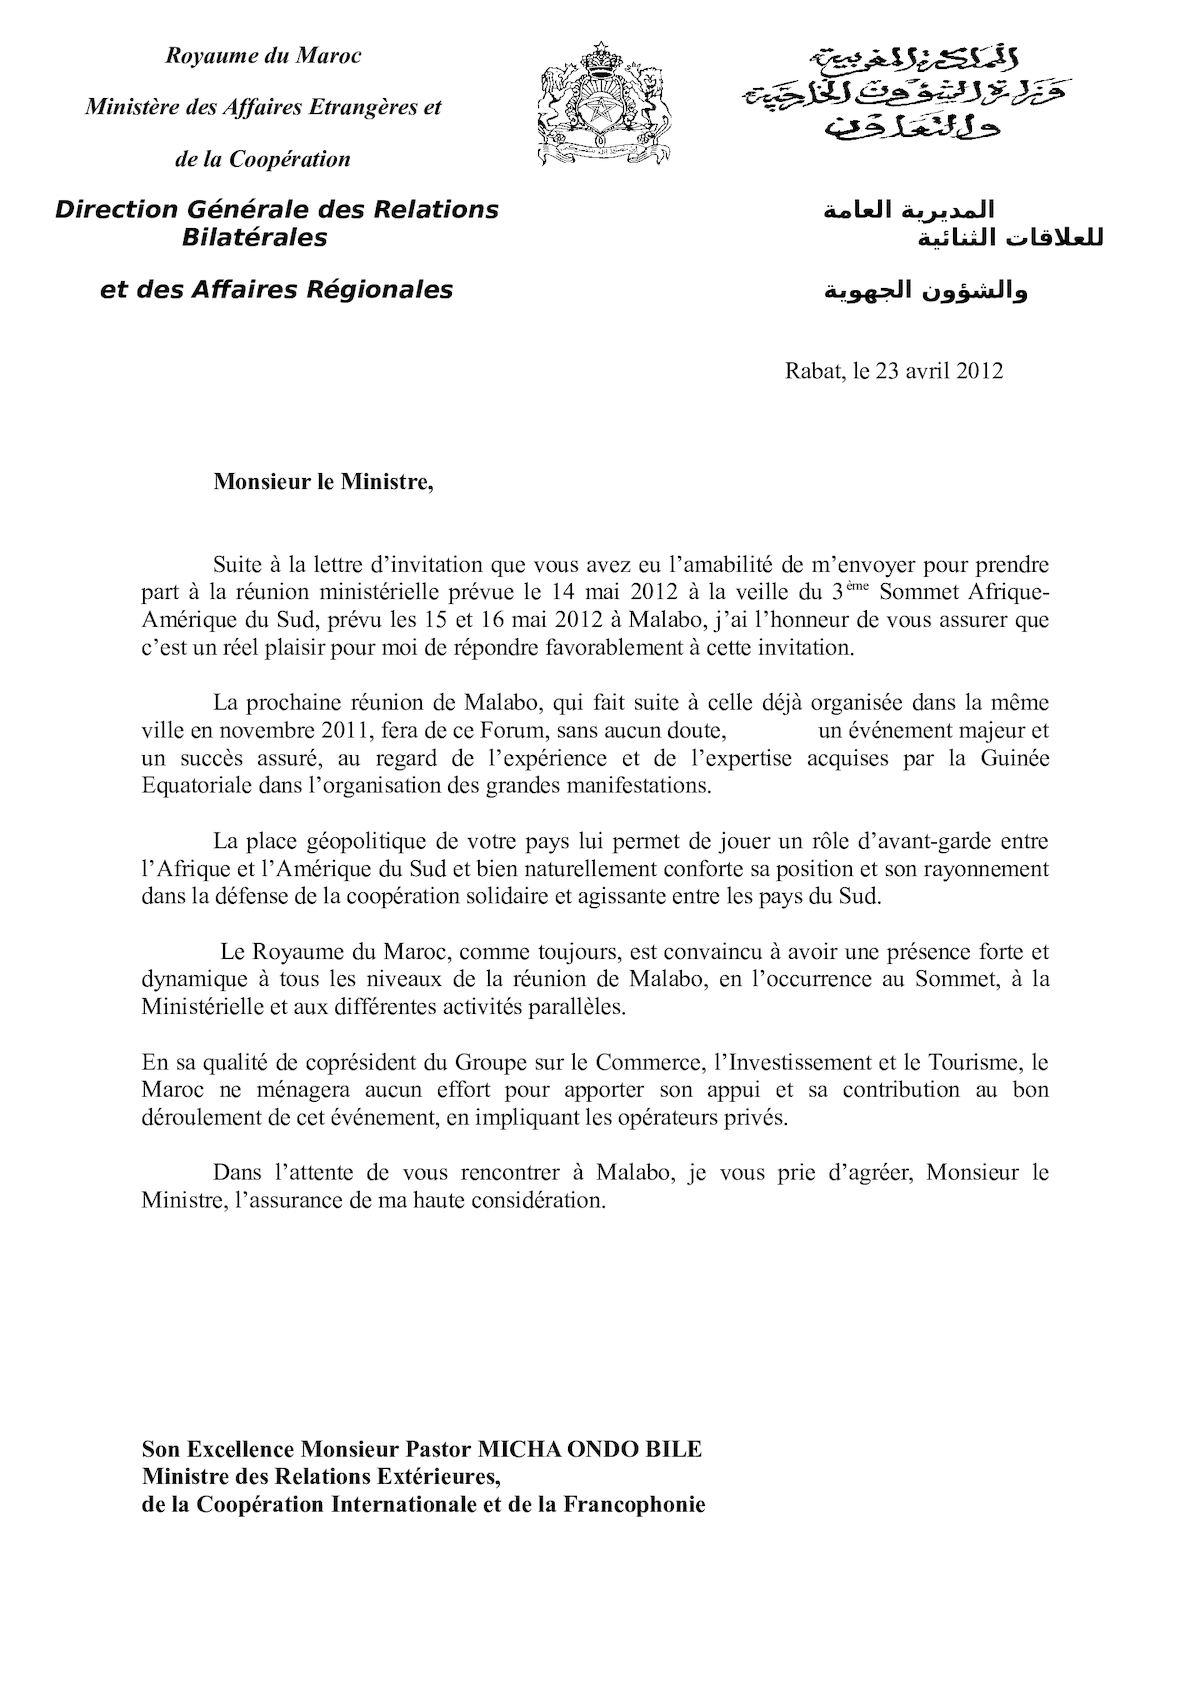 Lettre De Monsieur Le Ministre(2).